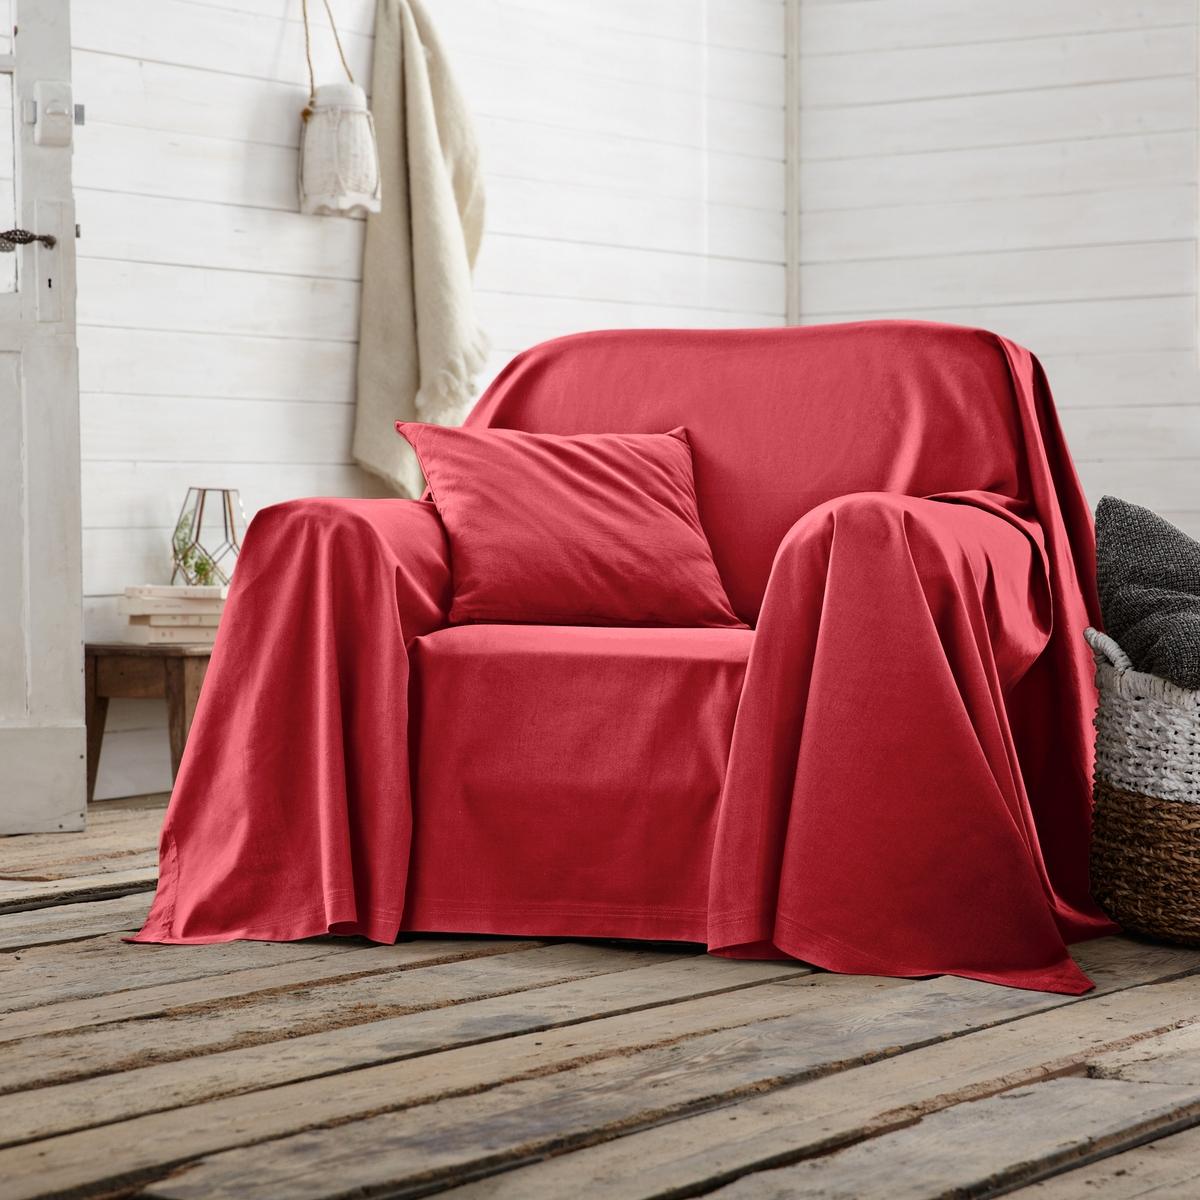 Покрывало однотонное для кресла или диванаПокрывало однотонное для кресла или дивана для декора качества Qualit? Best.Характеристики покрывала для кресла или дивана :- Хлопковая ткань (220 г/м?).- Простой уход: стирка при температуре 40°, превосходная стойкость цвета.Производство осуществляется с учетом стандартов по защите окружающей среды и здоровья человека, что подтверждено сертификатом Oeko-tex®.<br><br>Цвет: рубиново-красный,сине-зеленый<br>Размер: 250 x 250  см.250 x 250  см